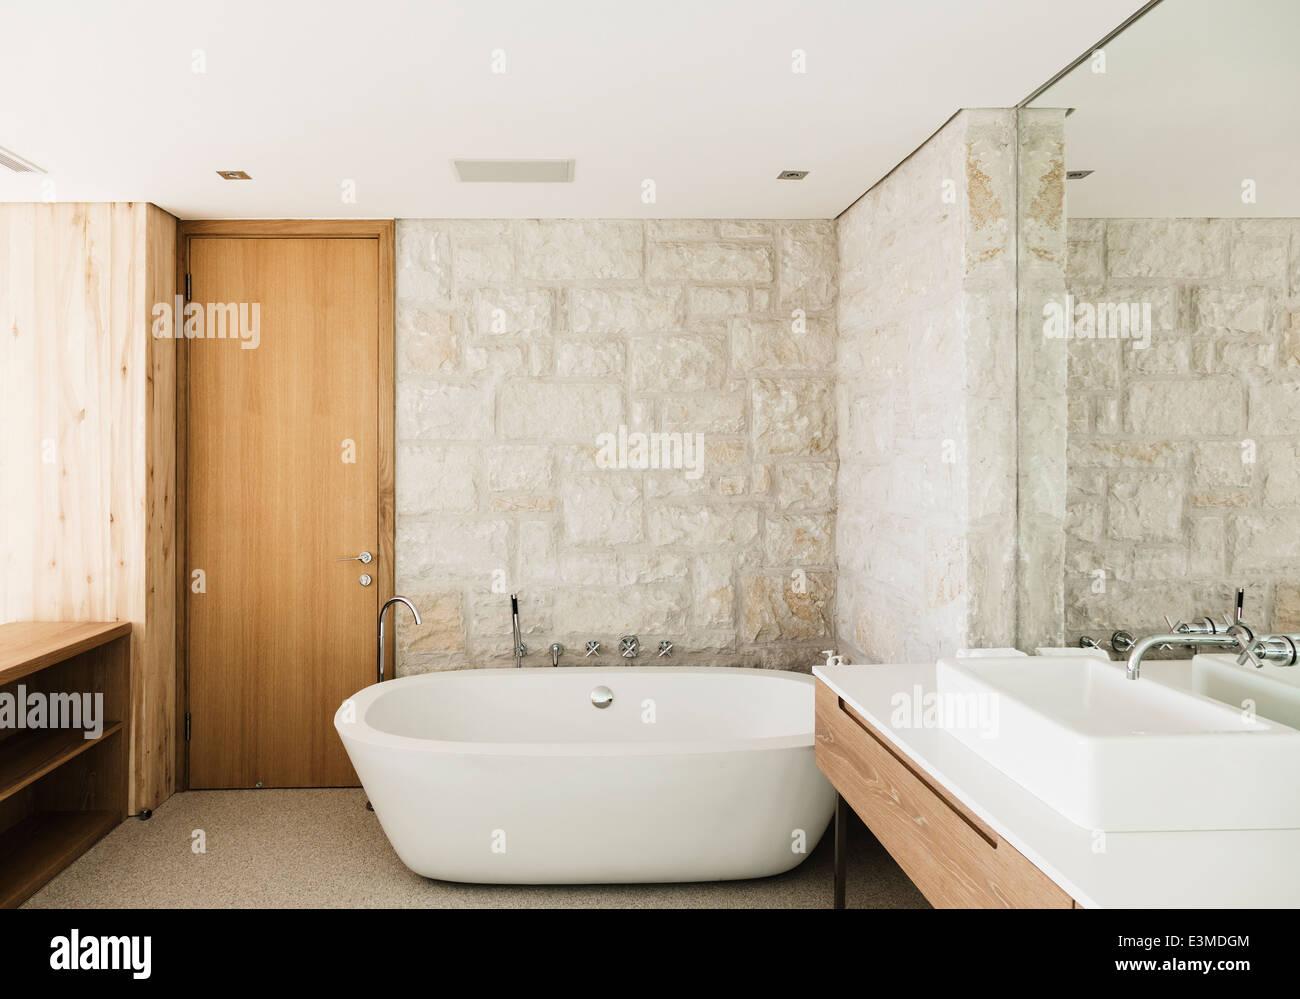 Wände aus Stein hinter Badewanne im modernen Badezimmer Stockfoto ...